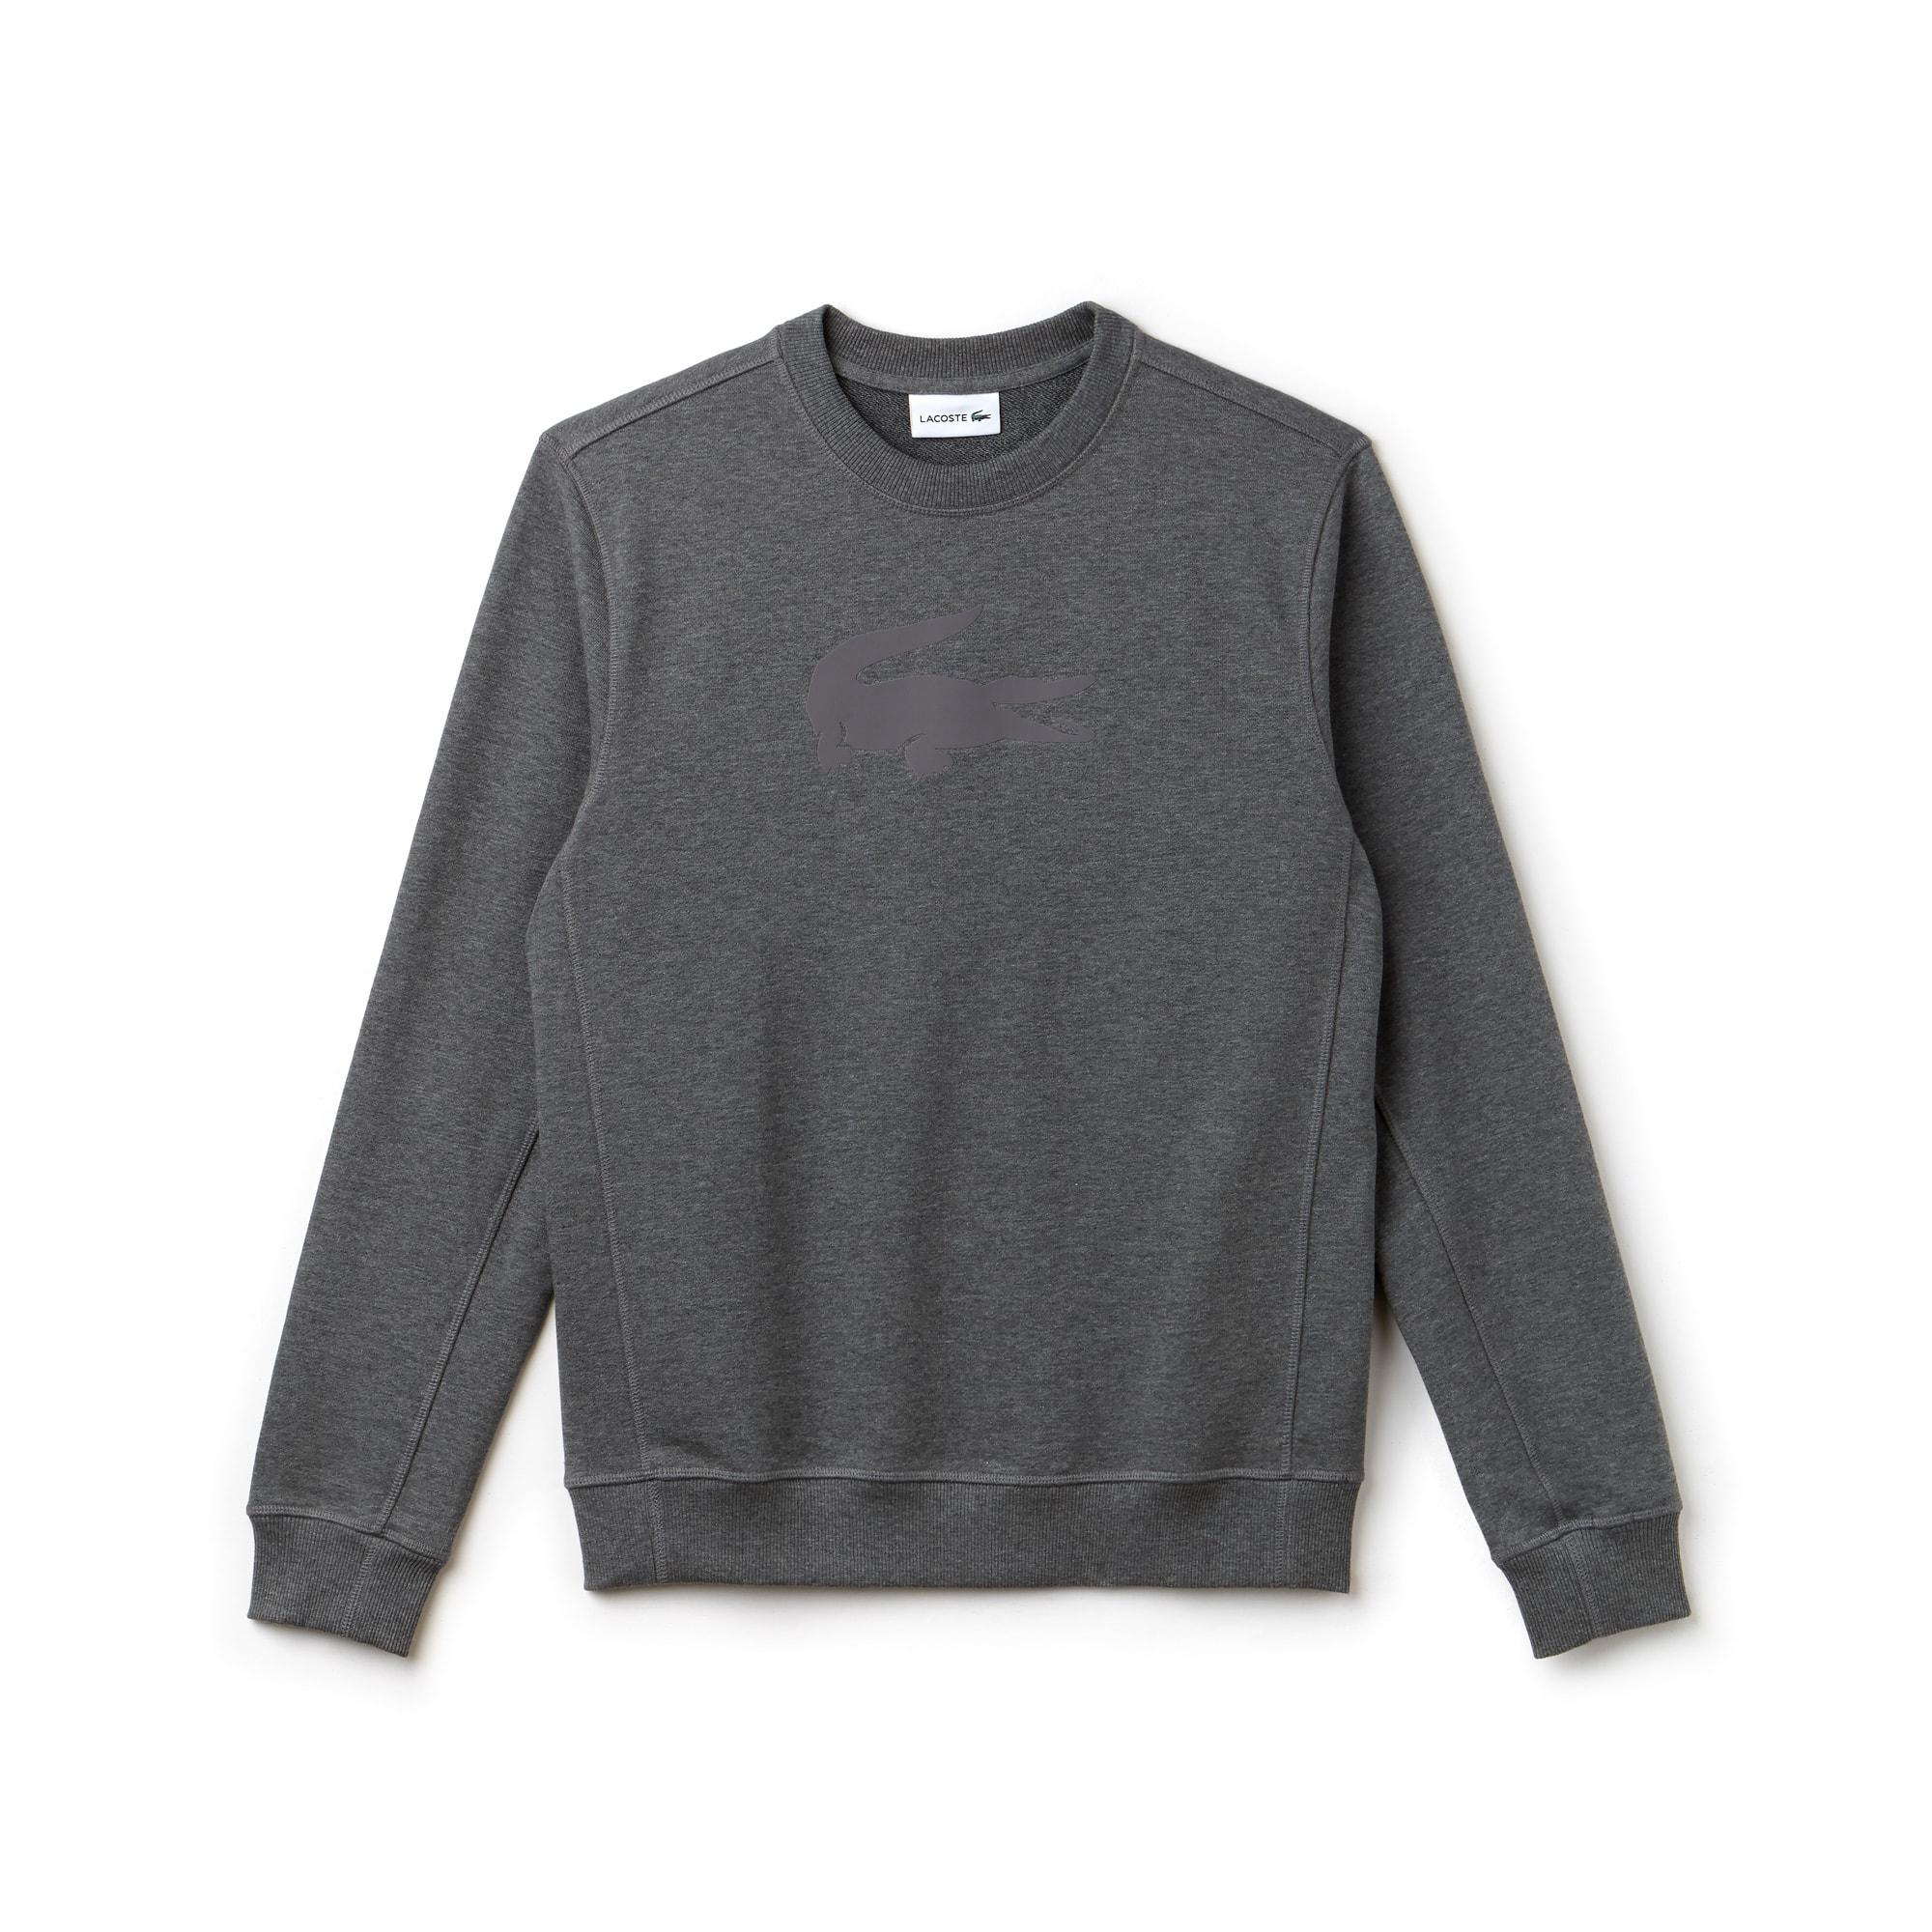 Herren-Rundhals-Sweatshirt aus Fleece mit Krokodil-Aufdruck